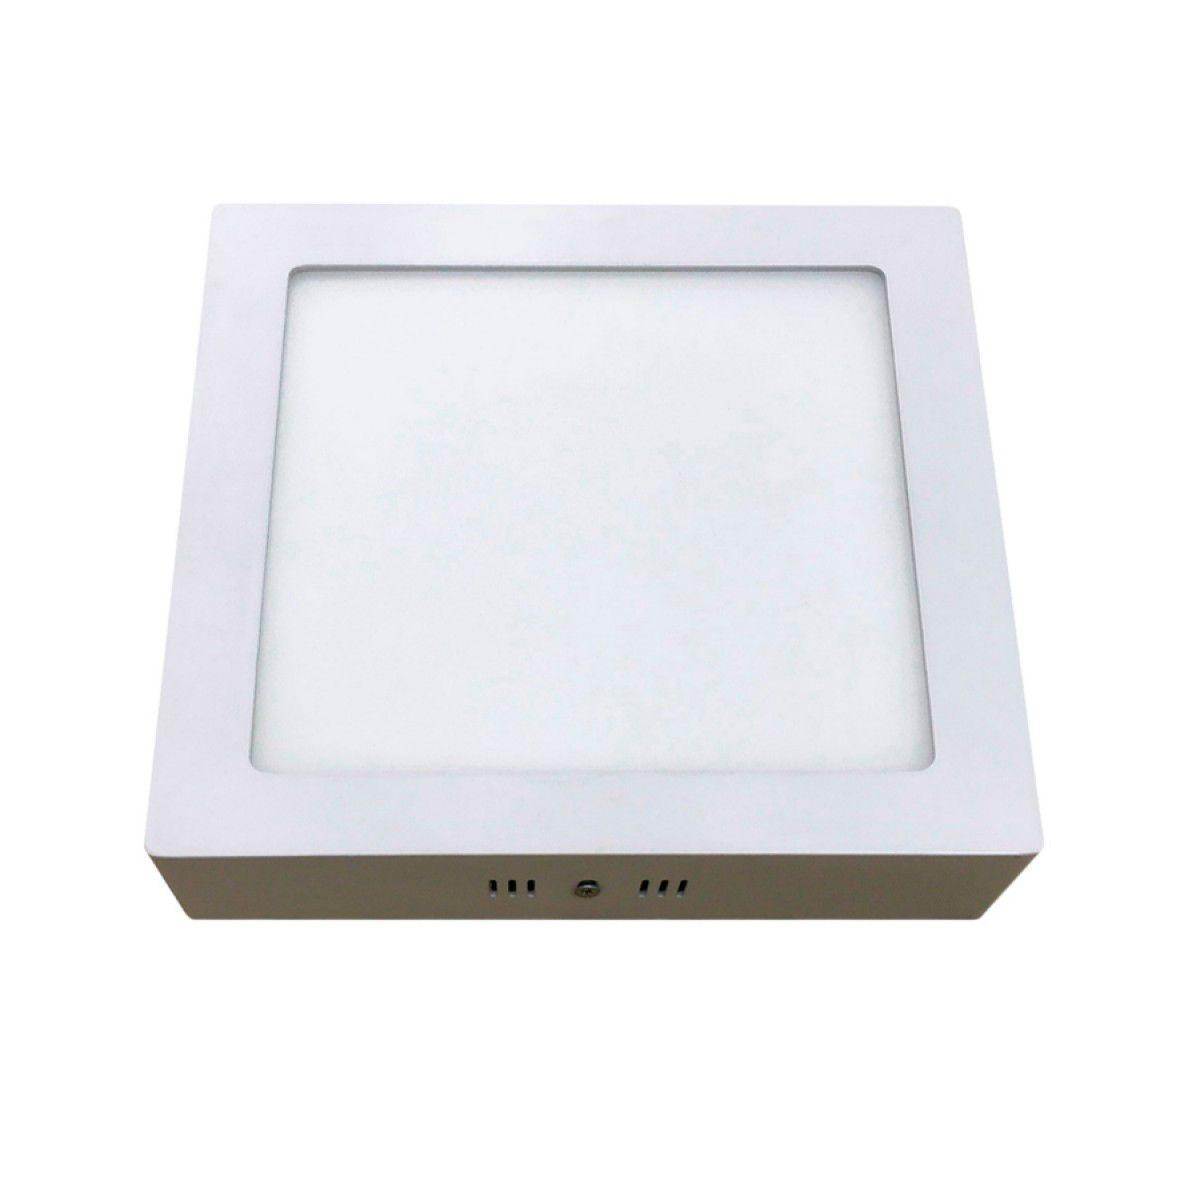 Plafon LED 18W - Luminária de Sobrepor 18W Quadrado